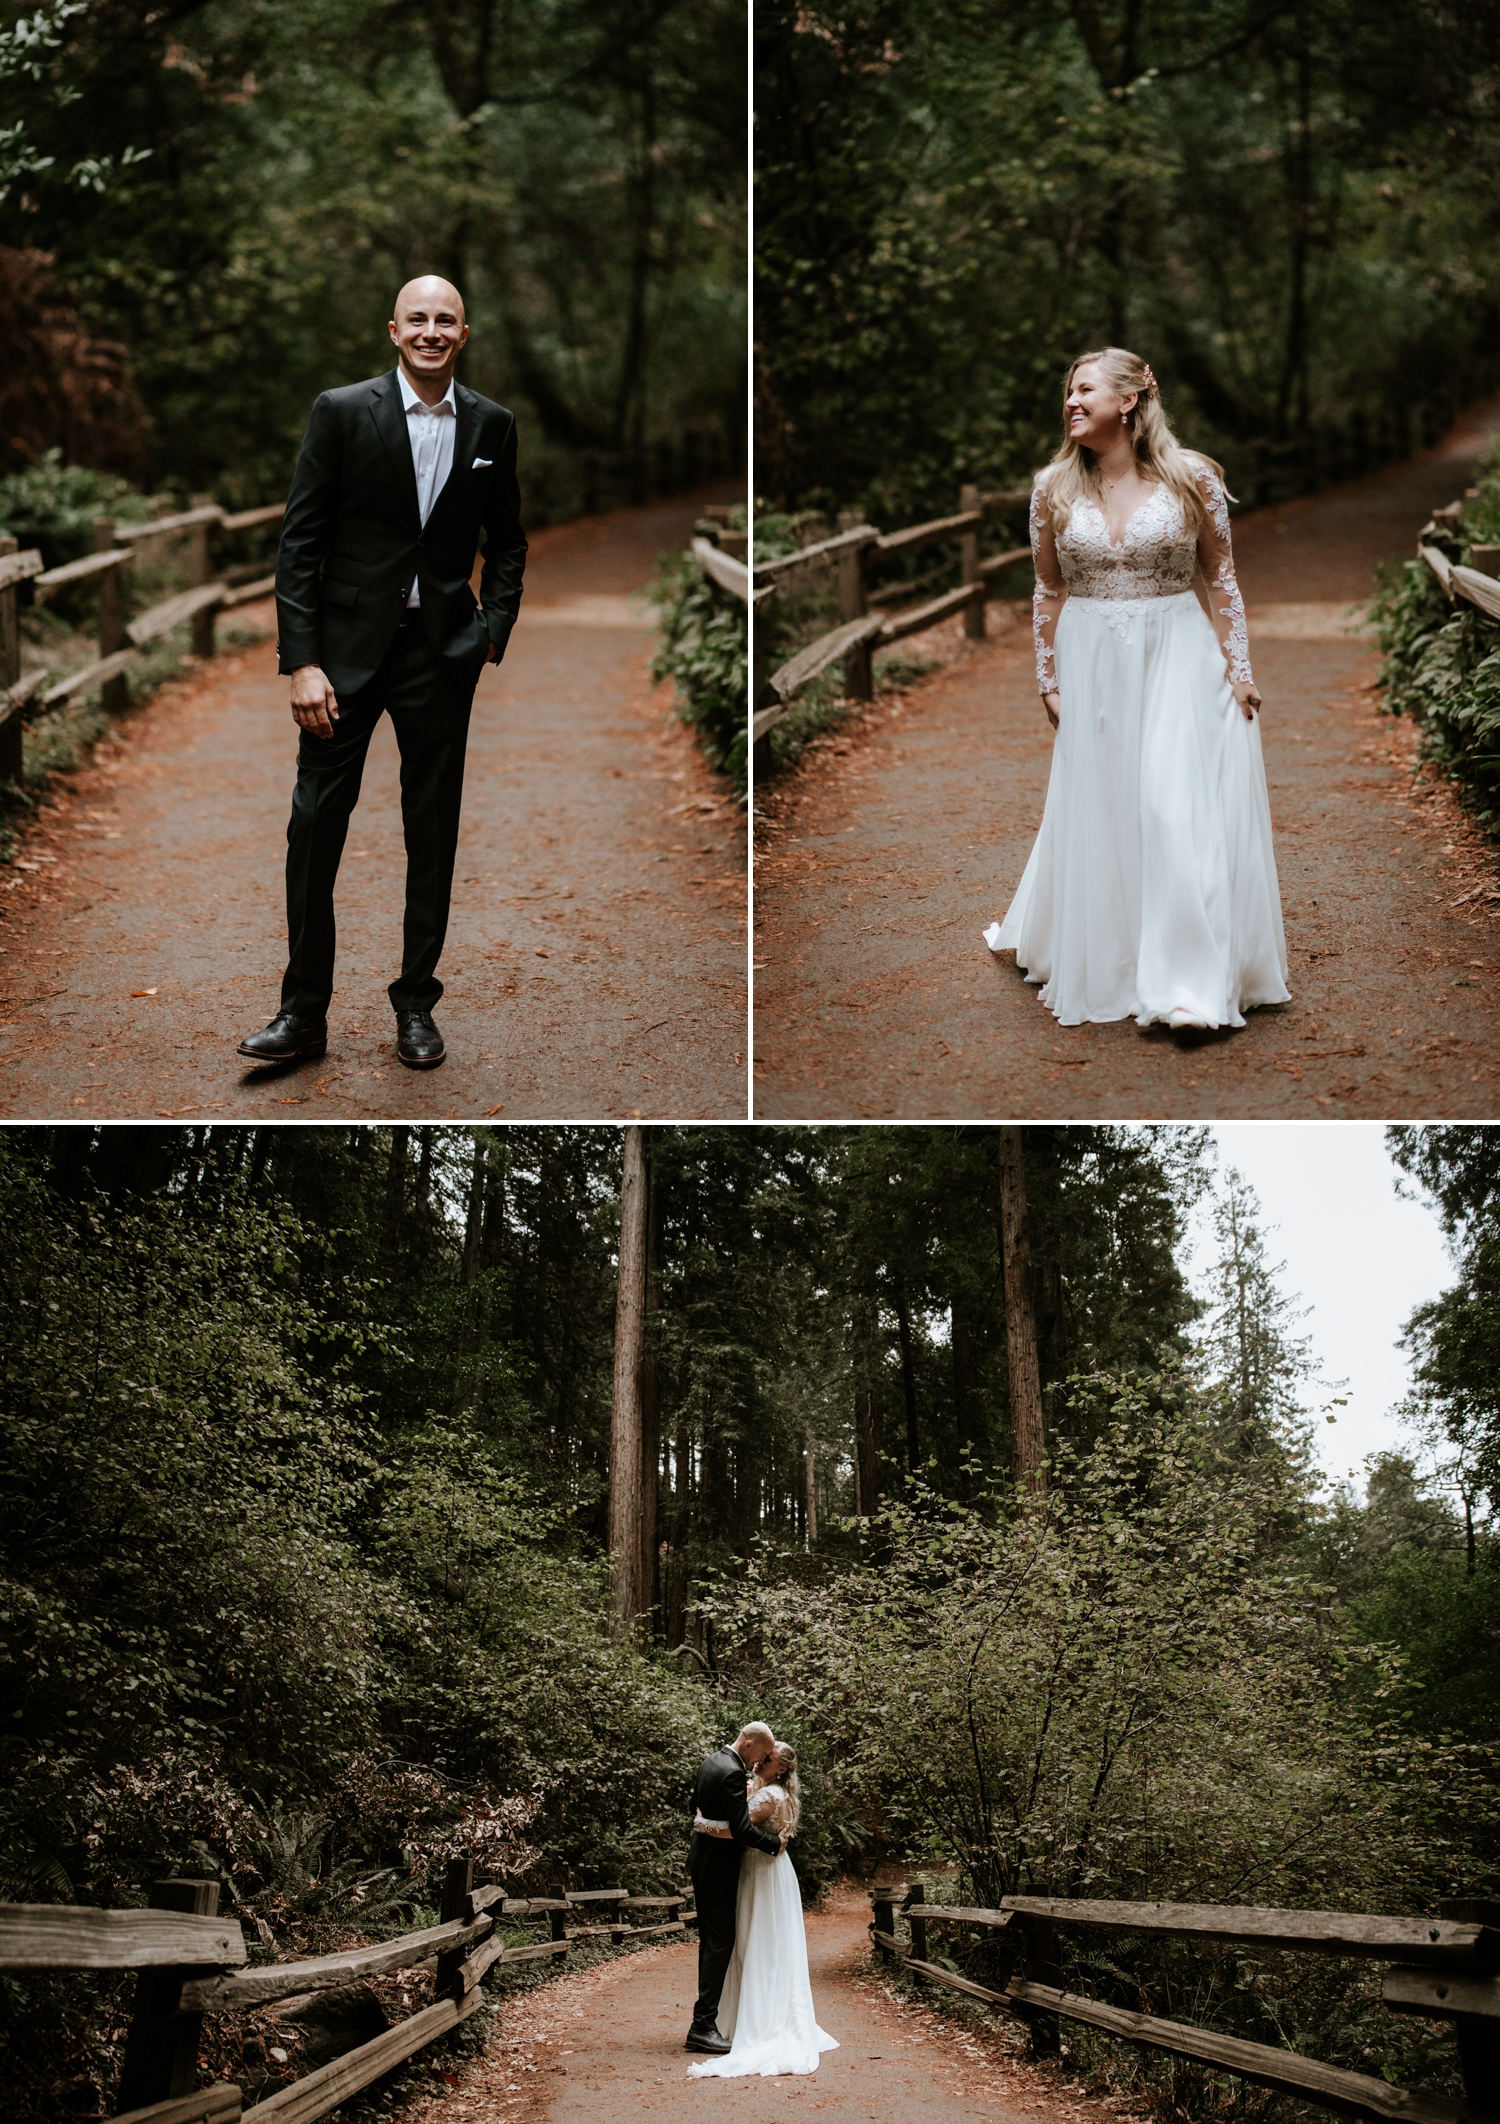 hannah-nick-intimate-muir-woods-wedding-27.jpg